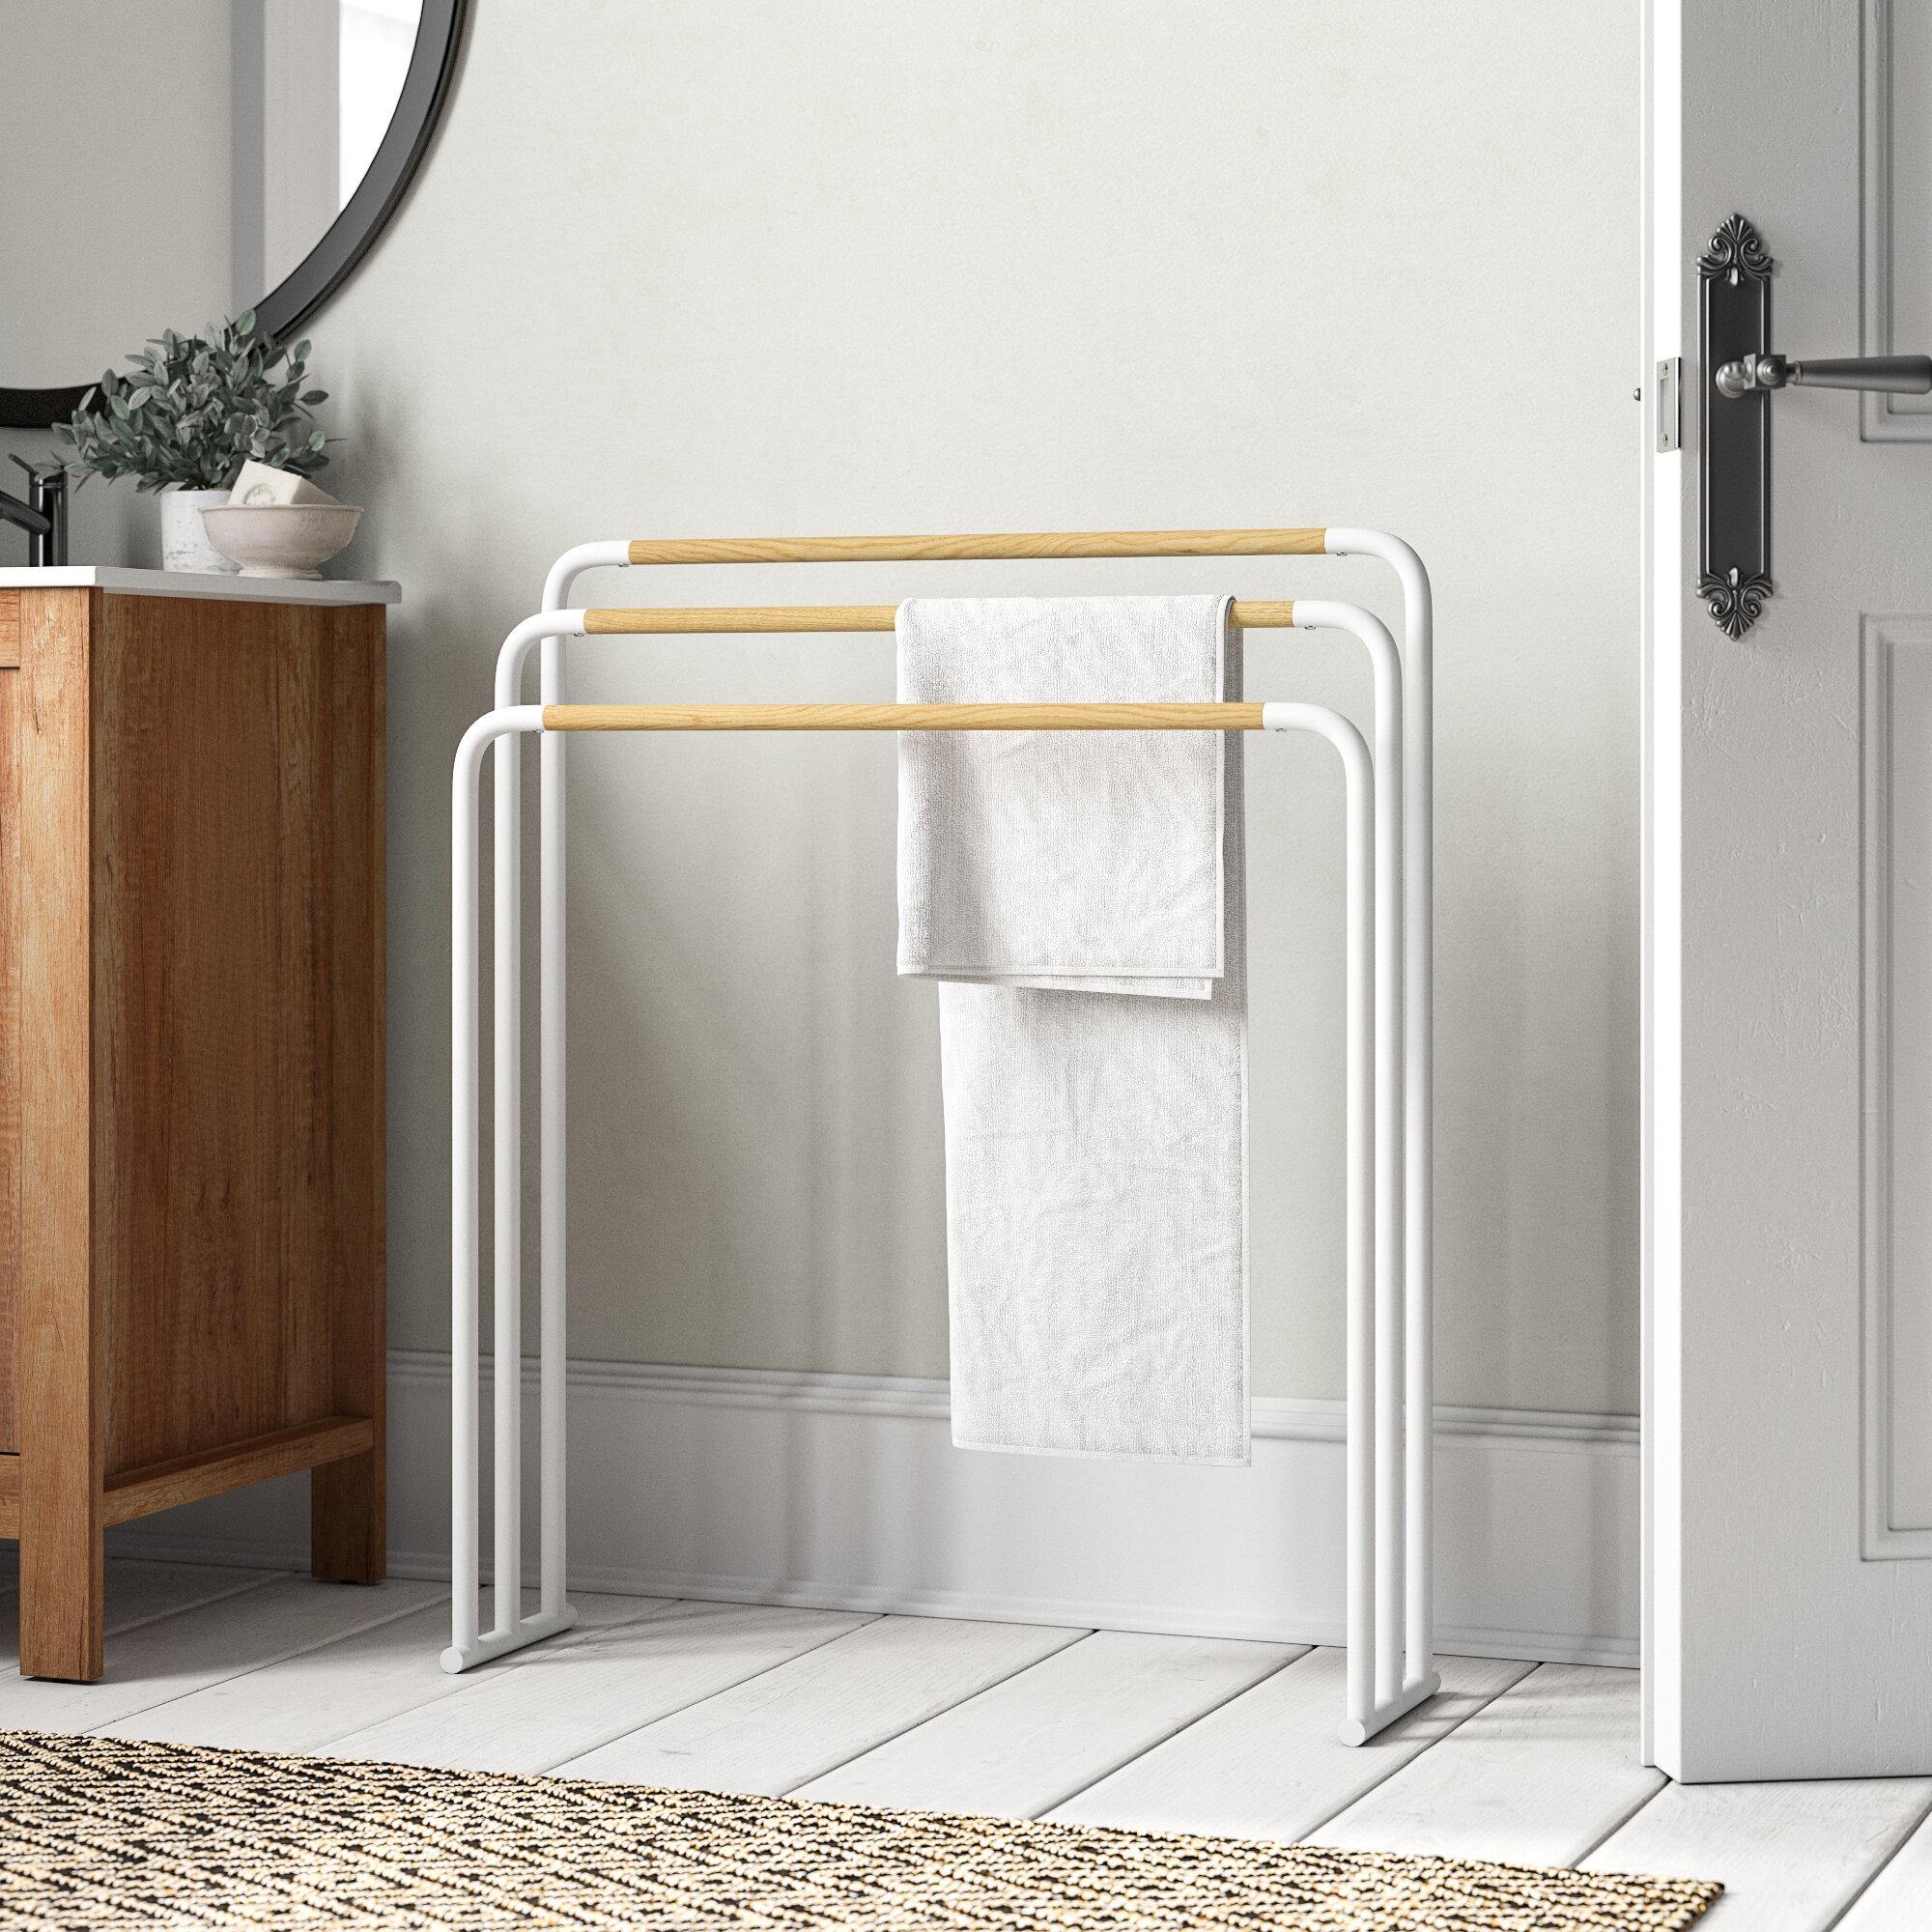 Freistehender Handtuchhalter aus Chrom platzsparend ohne Bohren mit diesem eleganten freistehenden Handtuchhalter f/ür das Badezimmer